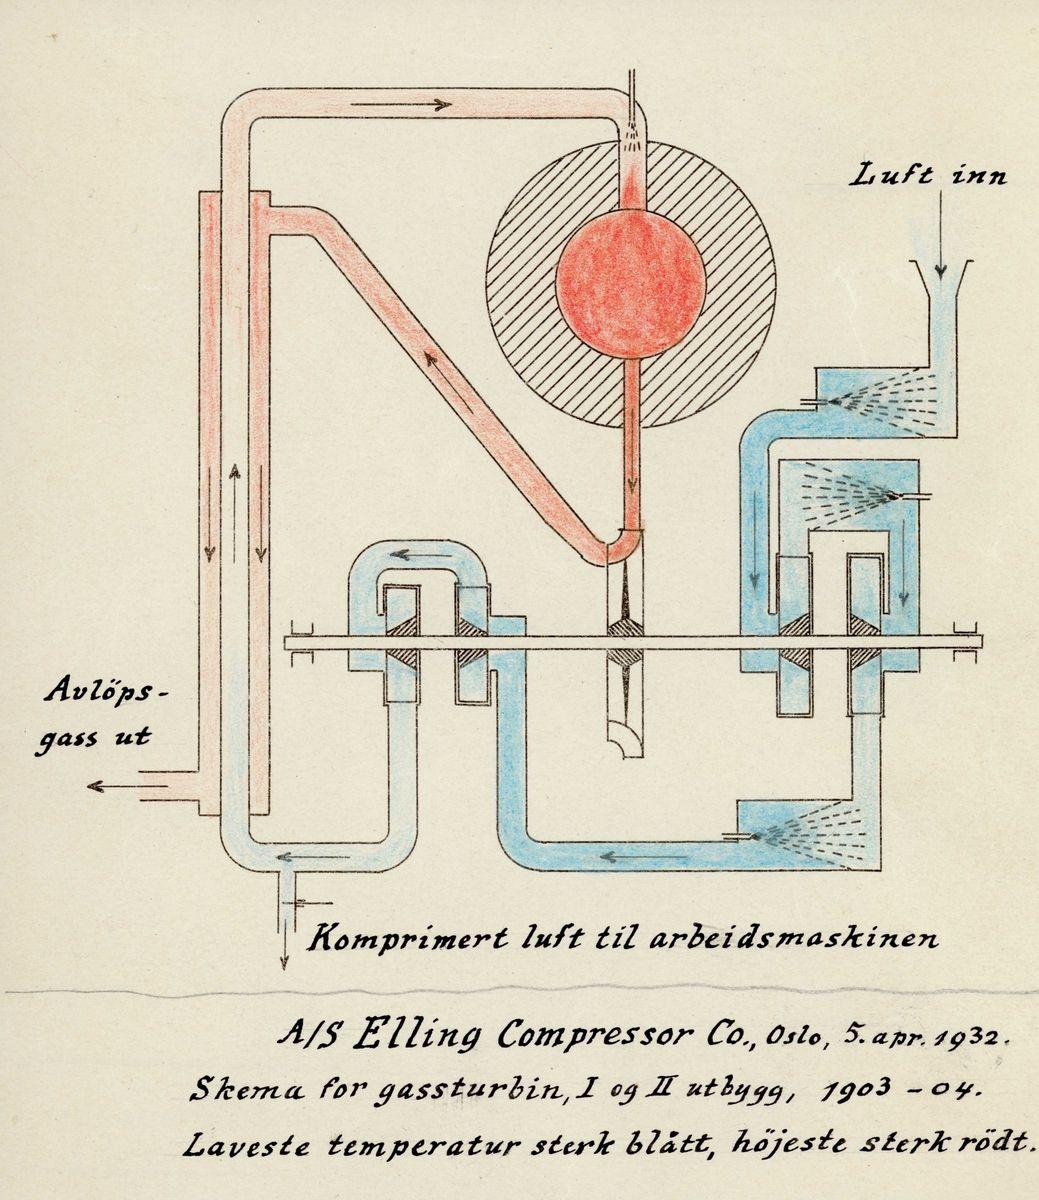 エーリング先生のガスタービン模式図と実機写真発見しましたわ。 ……これ、本当に1903年に作られたブツなので?Norsk Teknisk Museum - Photographer Elling, Ægidius